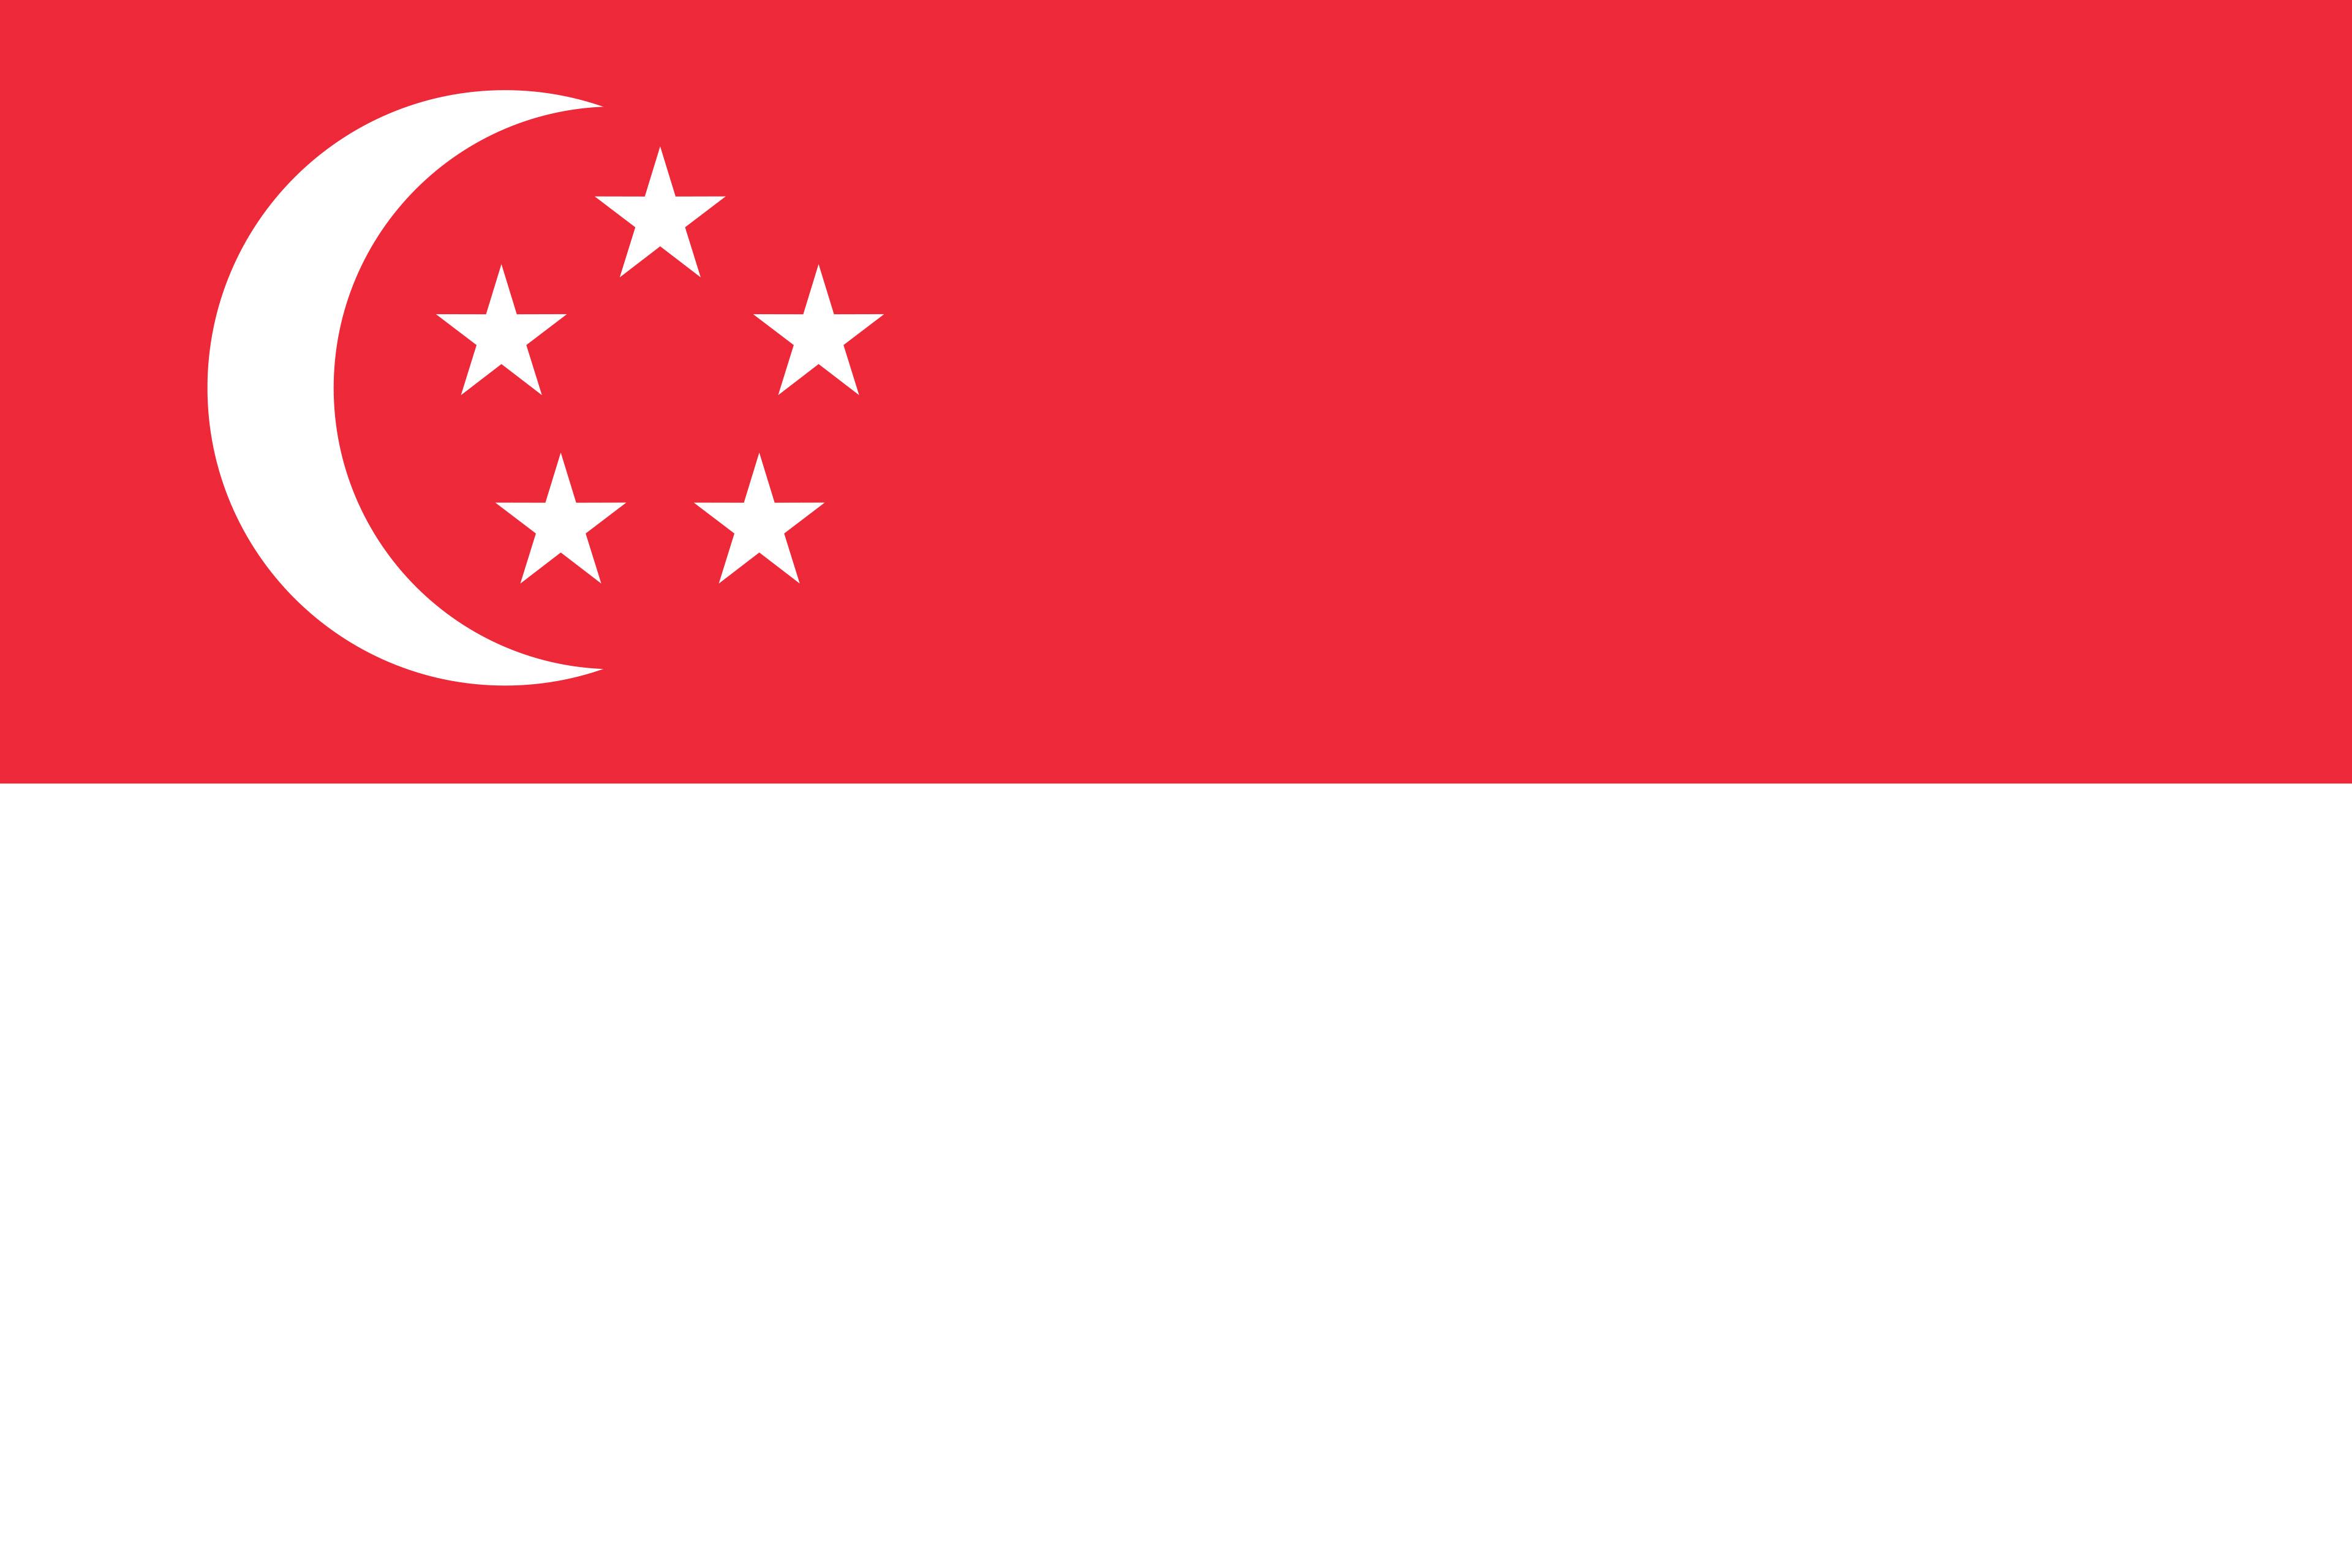 Family business award winner Singapore